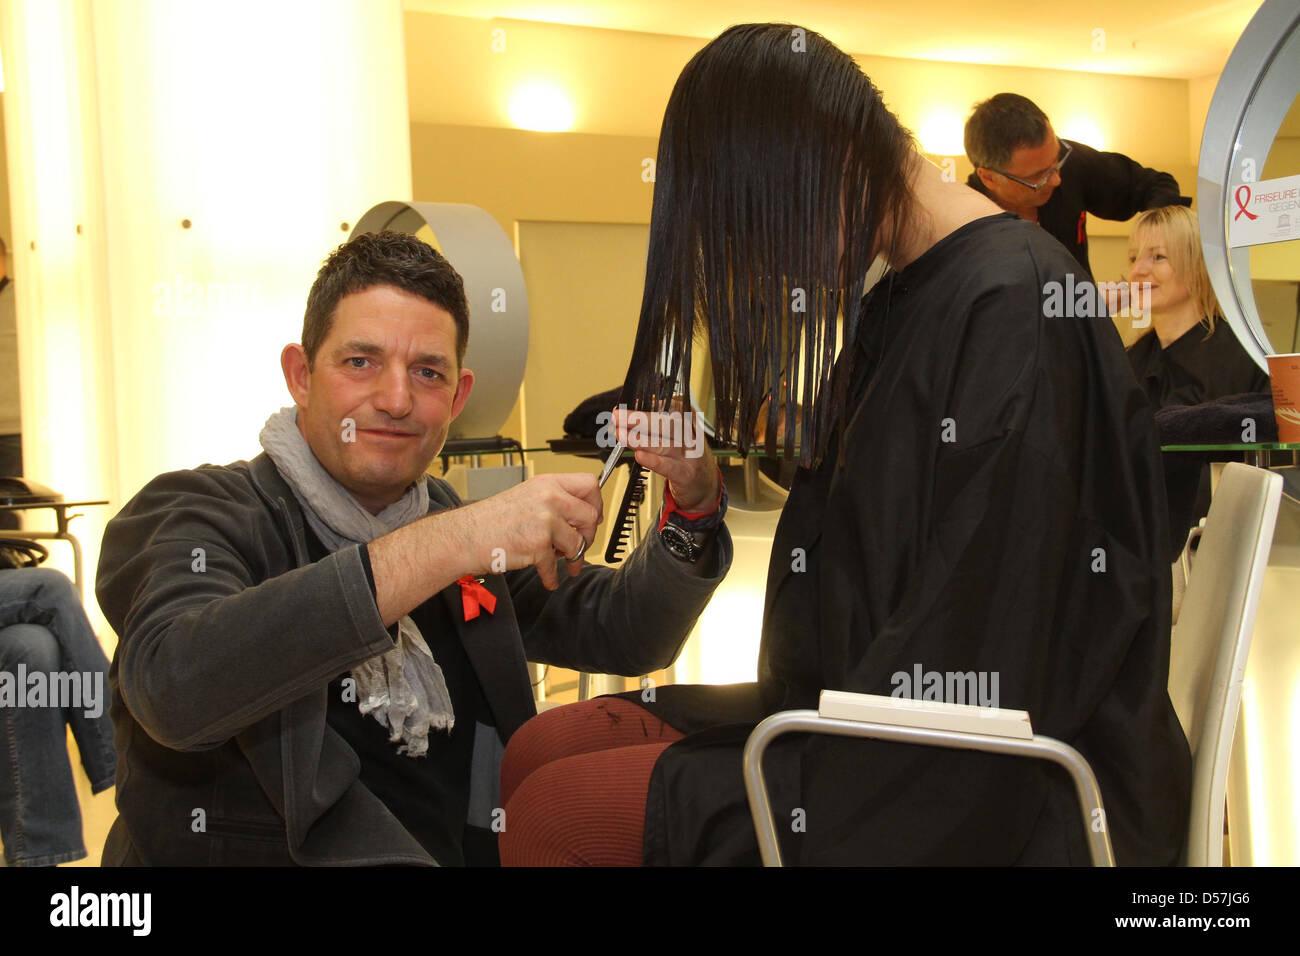 Janina Uhse bekommt neuen Haarschnitt von Wolfgang Zimmer im Rahmen ...